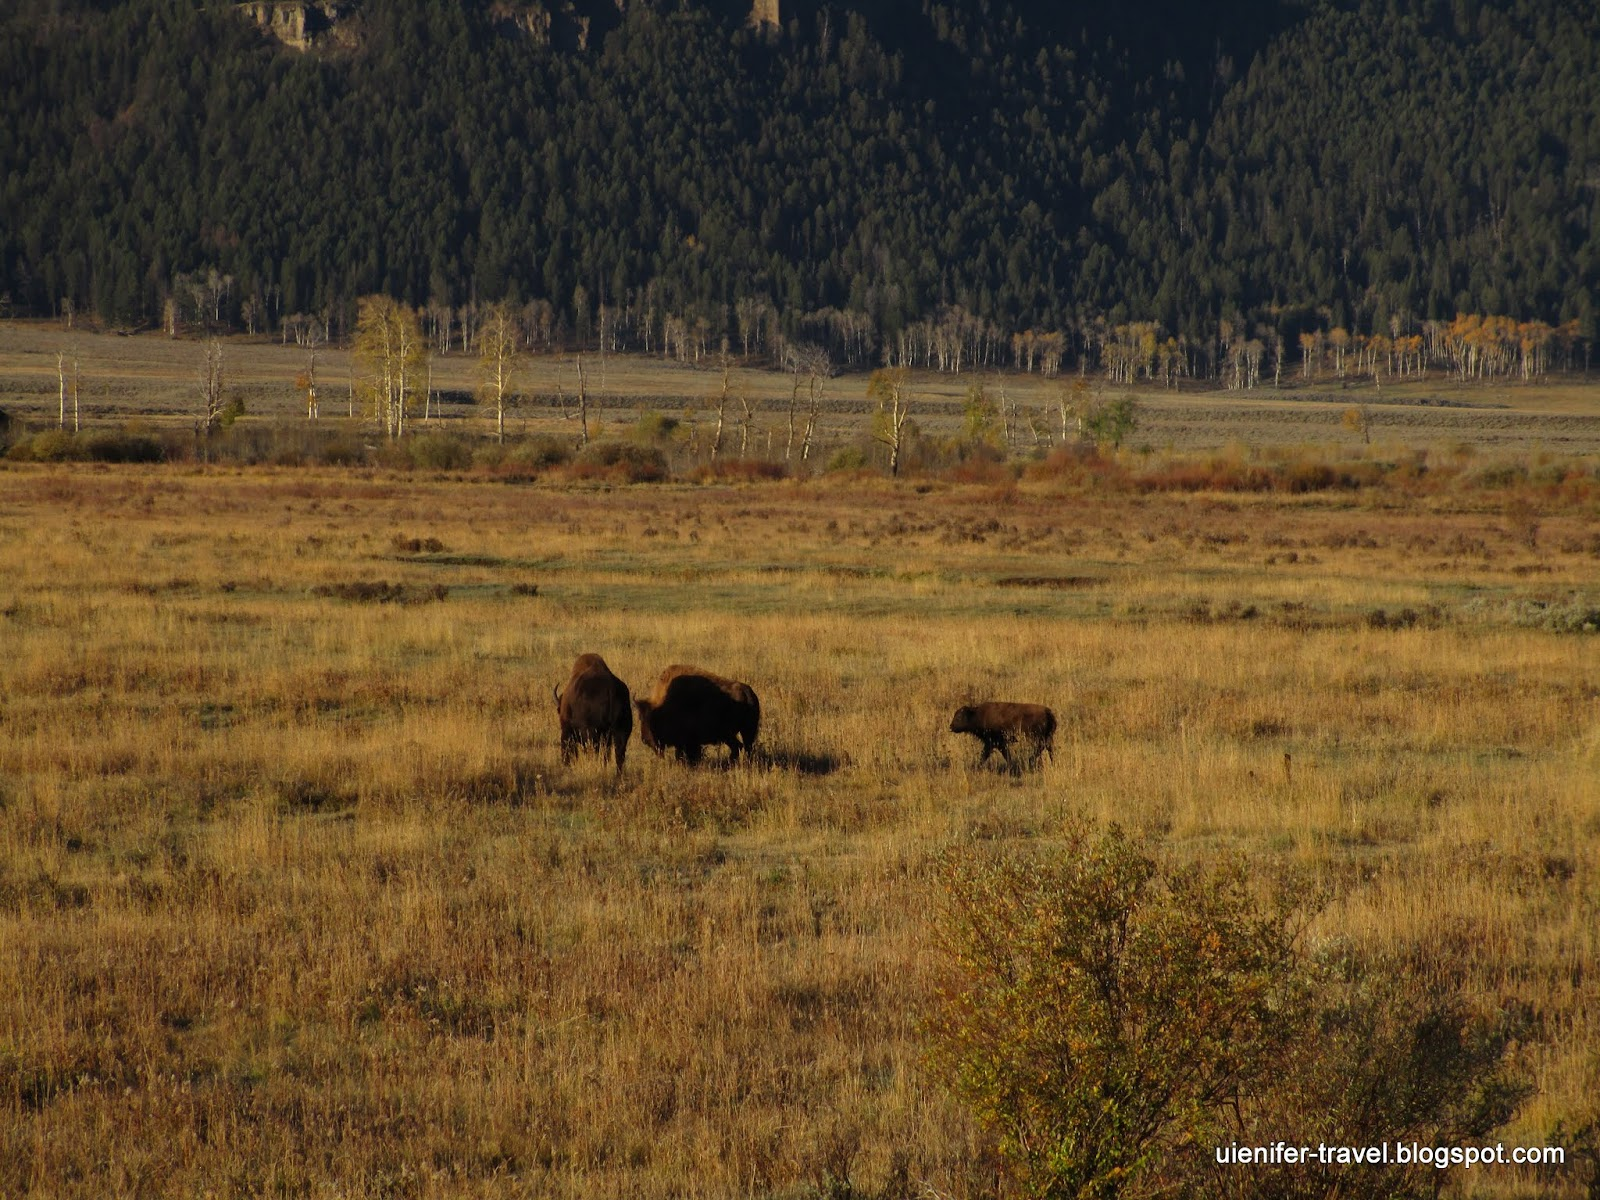 Бизоны. Йеллоустоун, Вайоминг. (Bisons. Yellowstone National Park, WY)